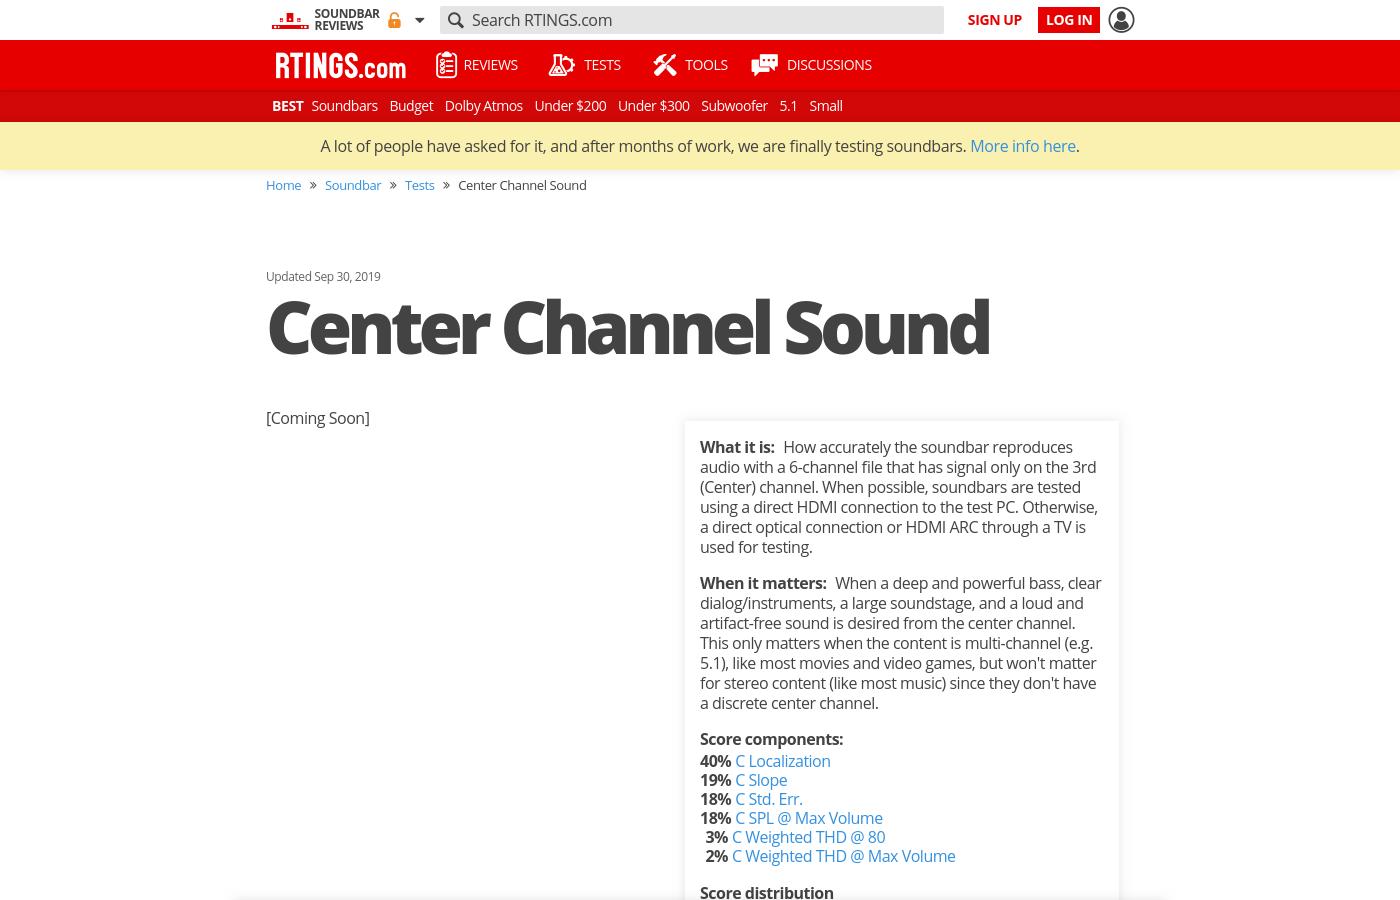 Center Channel Sound